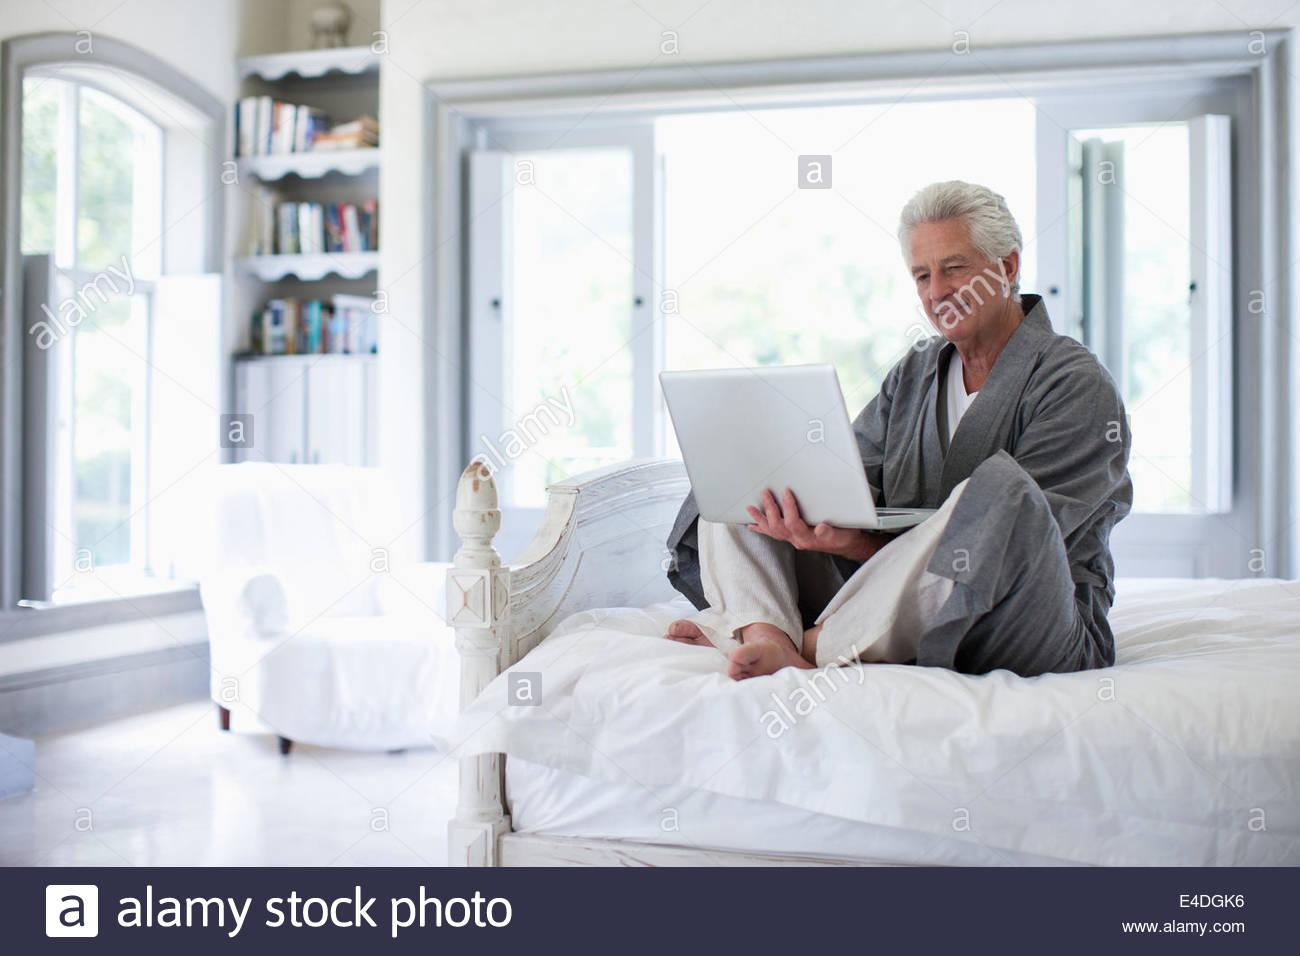 Senior uomo in accappatoio utilizzando computer portatile in camera da letto Immagini Stock